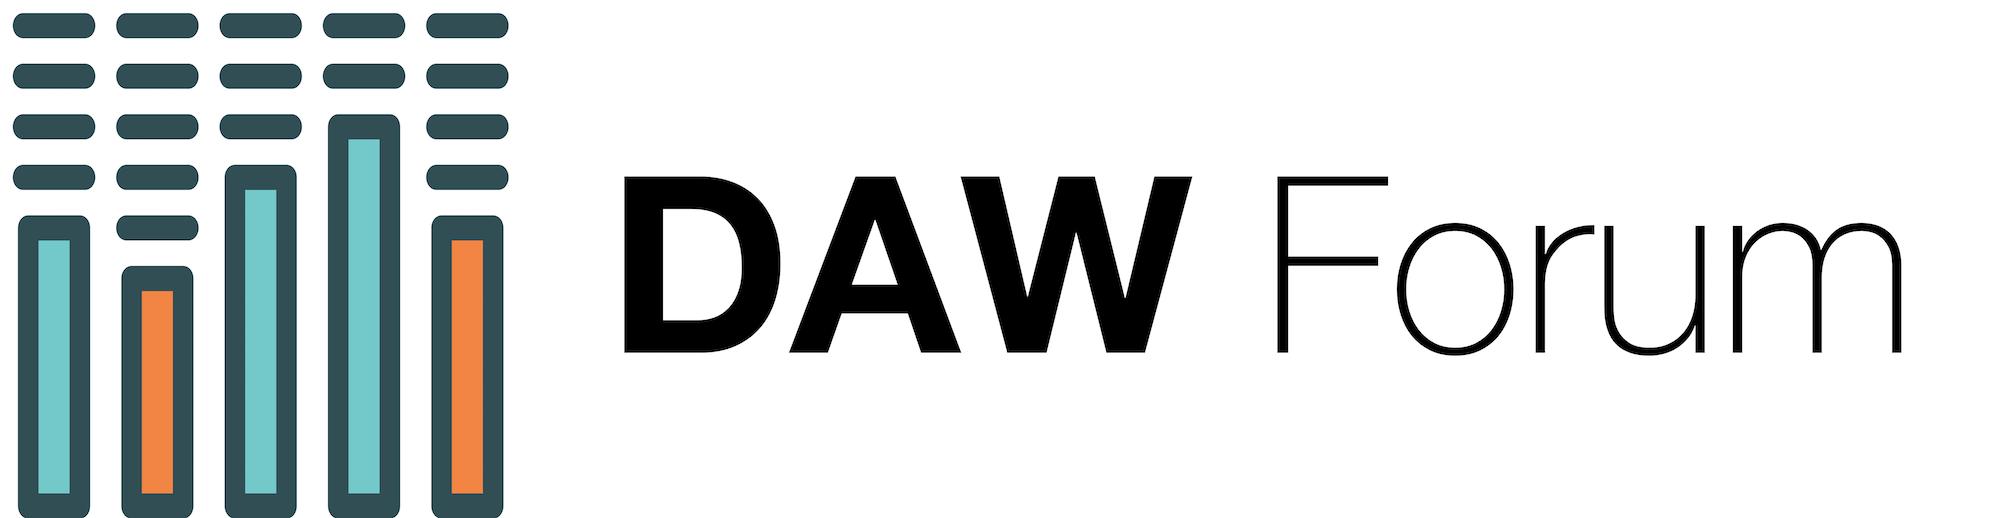 DAW Forum